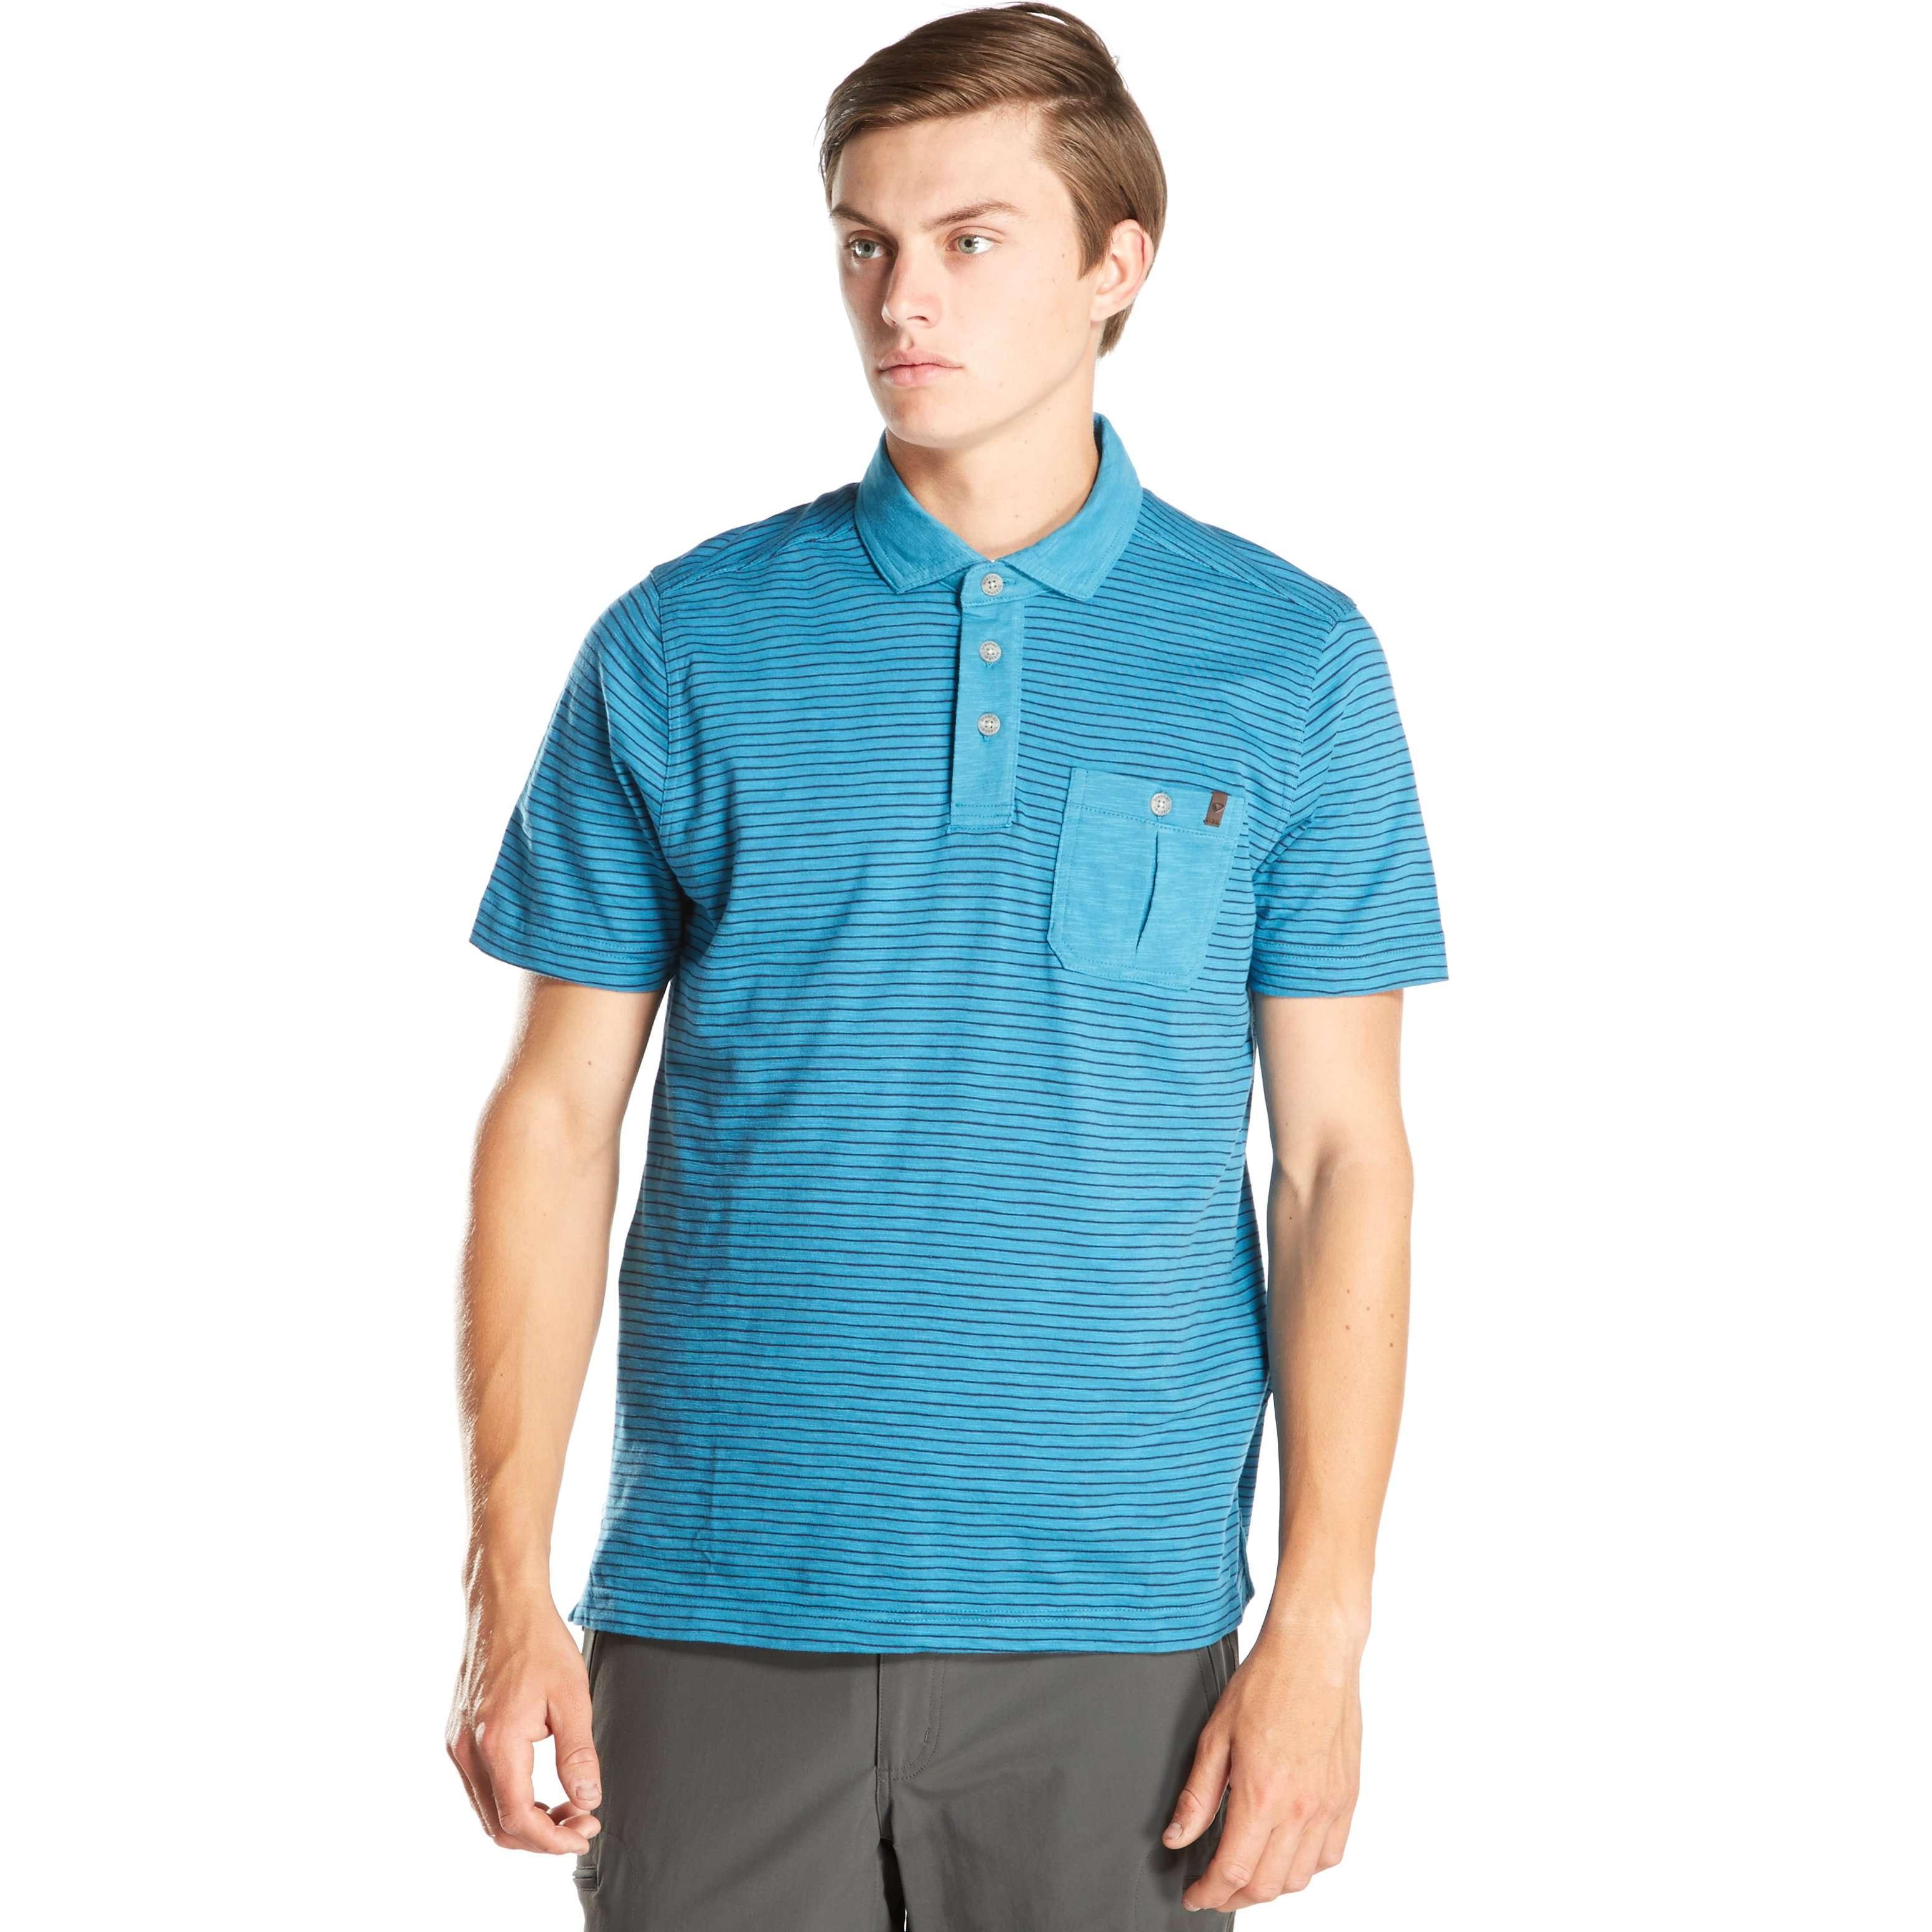 BRASHER Men's Robinson Polo Shirt